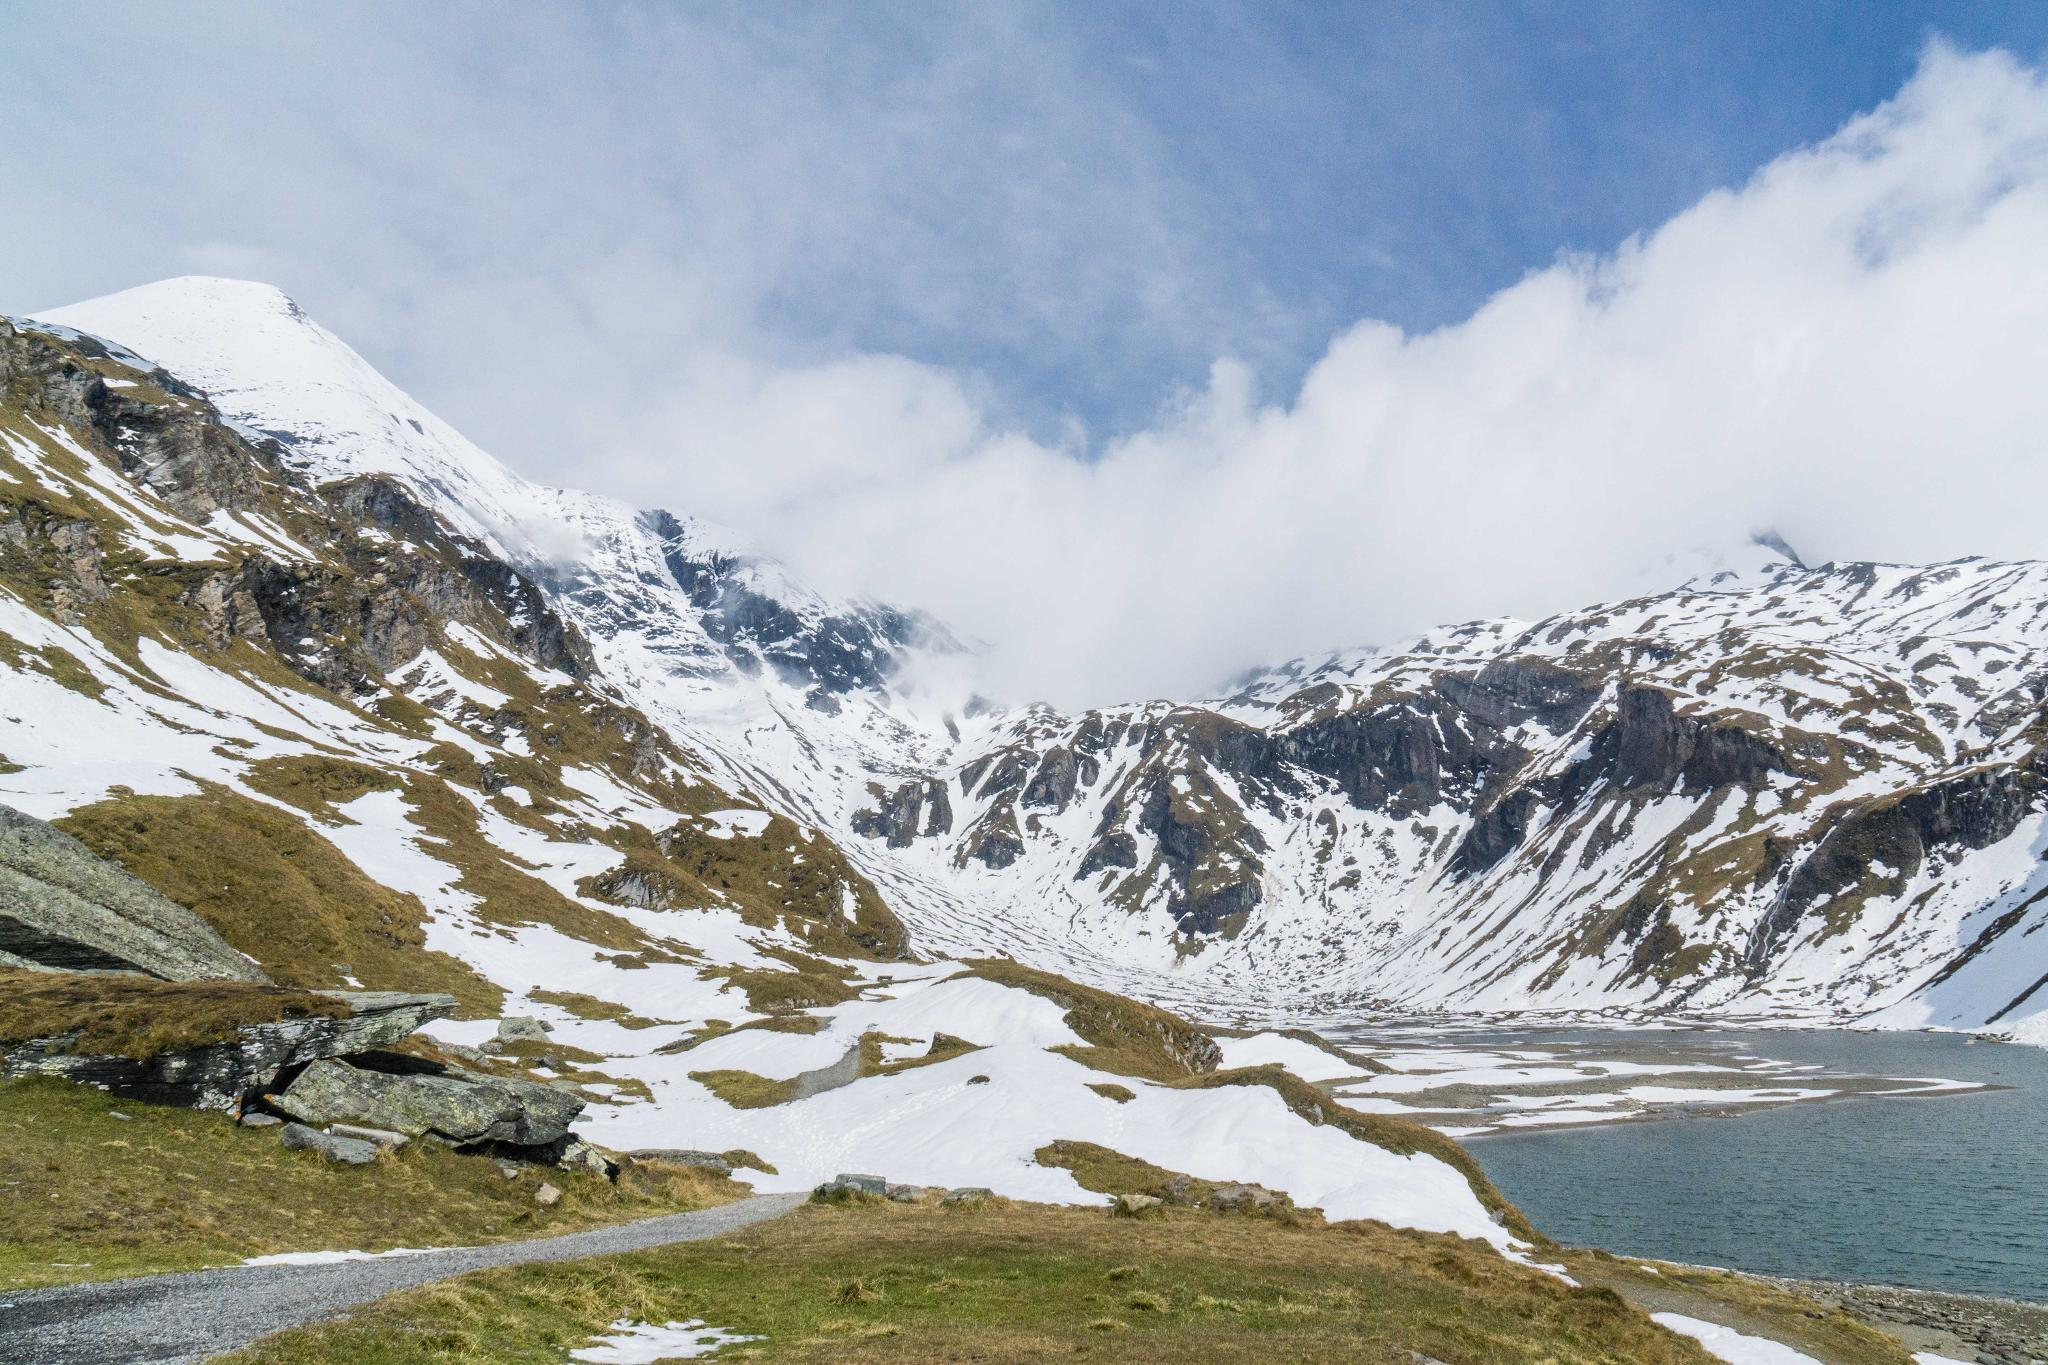 【奧地利】穿越阿爾卑斯之巔 — 奧地利大鐘山冰河公路 (Grossglockner High Alpine Road) 20